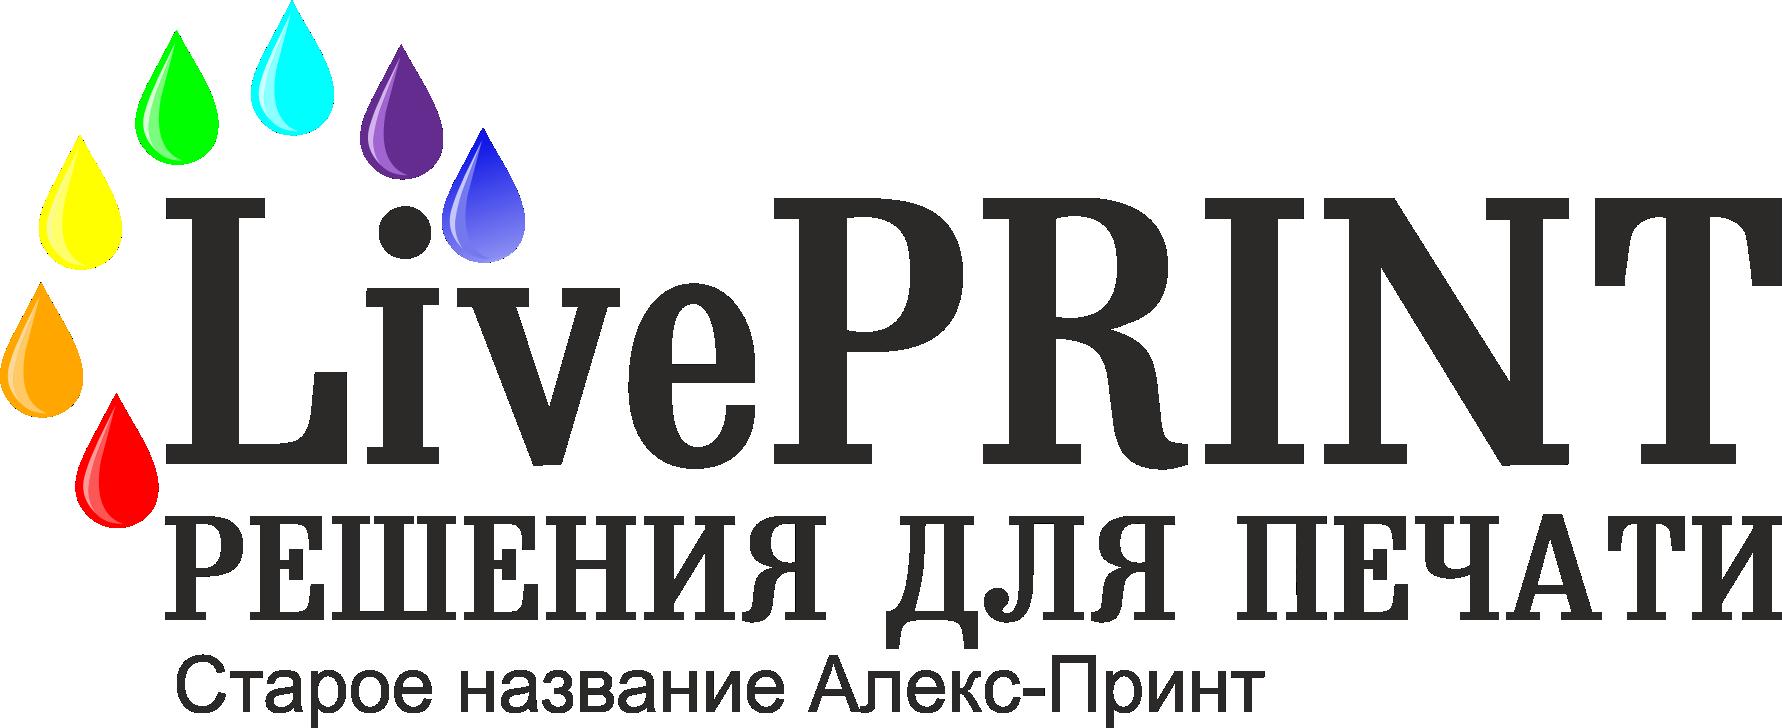 Типография LivePRINT